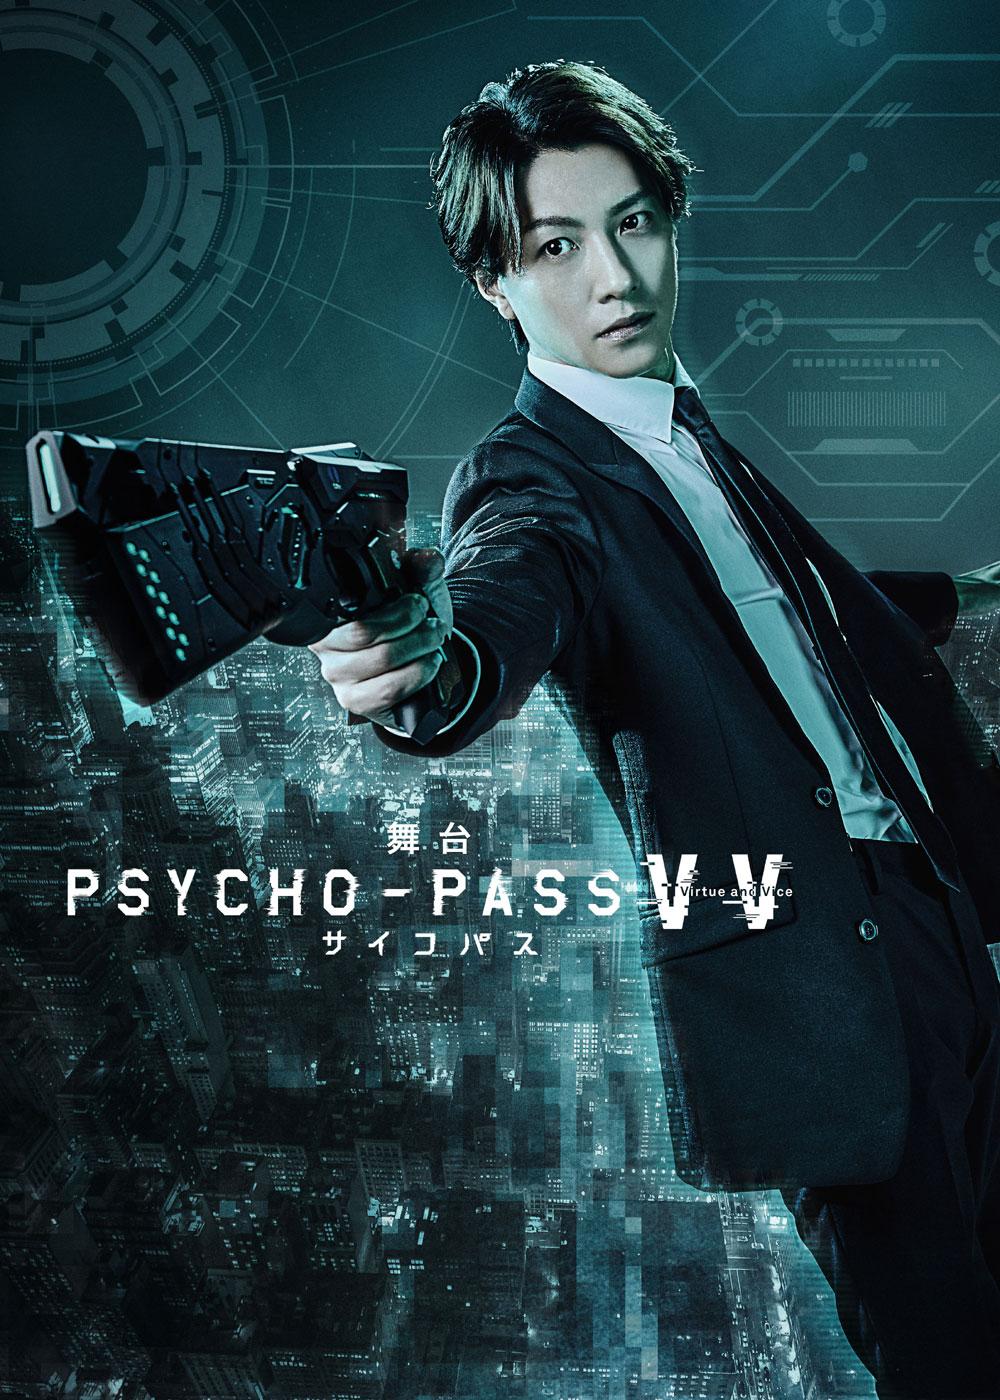 「舞台 PSYCHO-PASS サイコパス Virtue and Vice」 Blu-ray